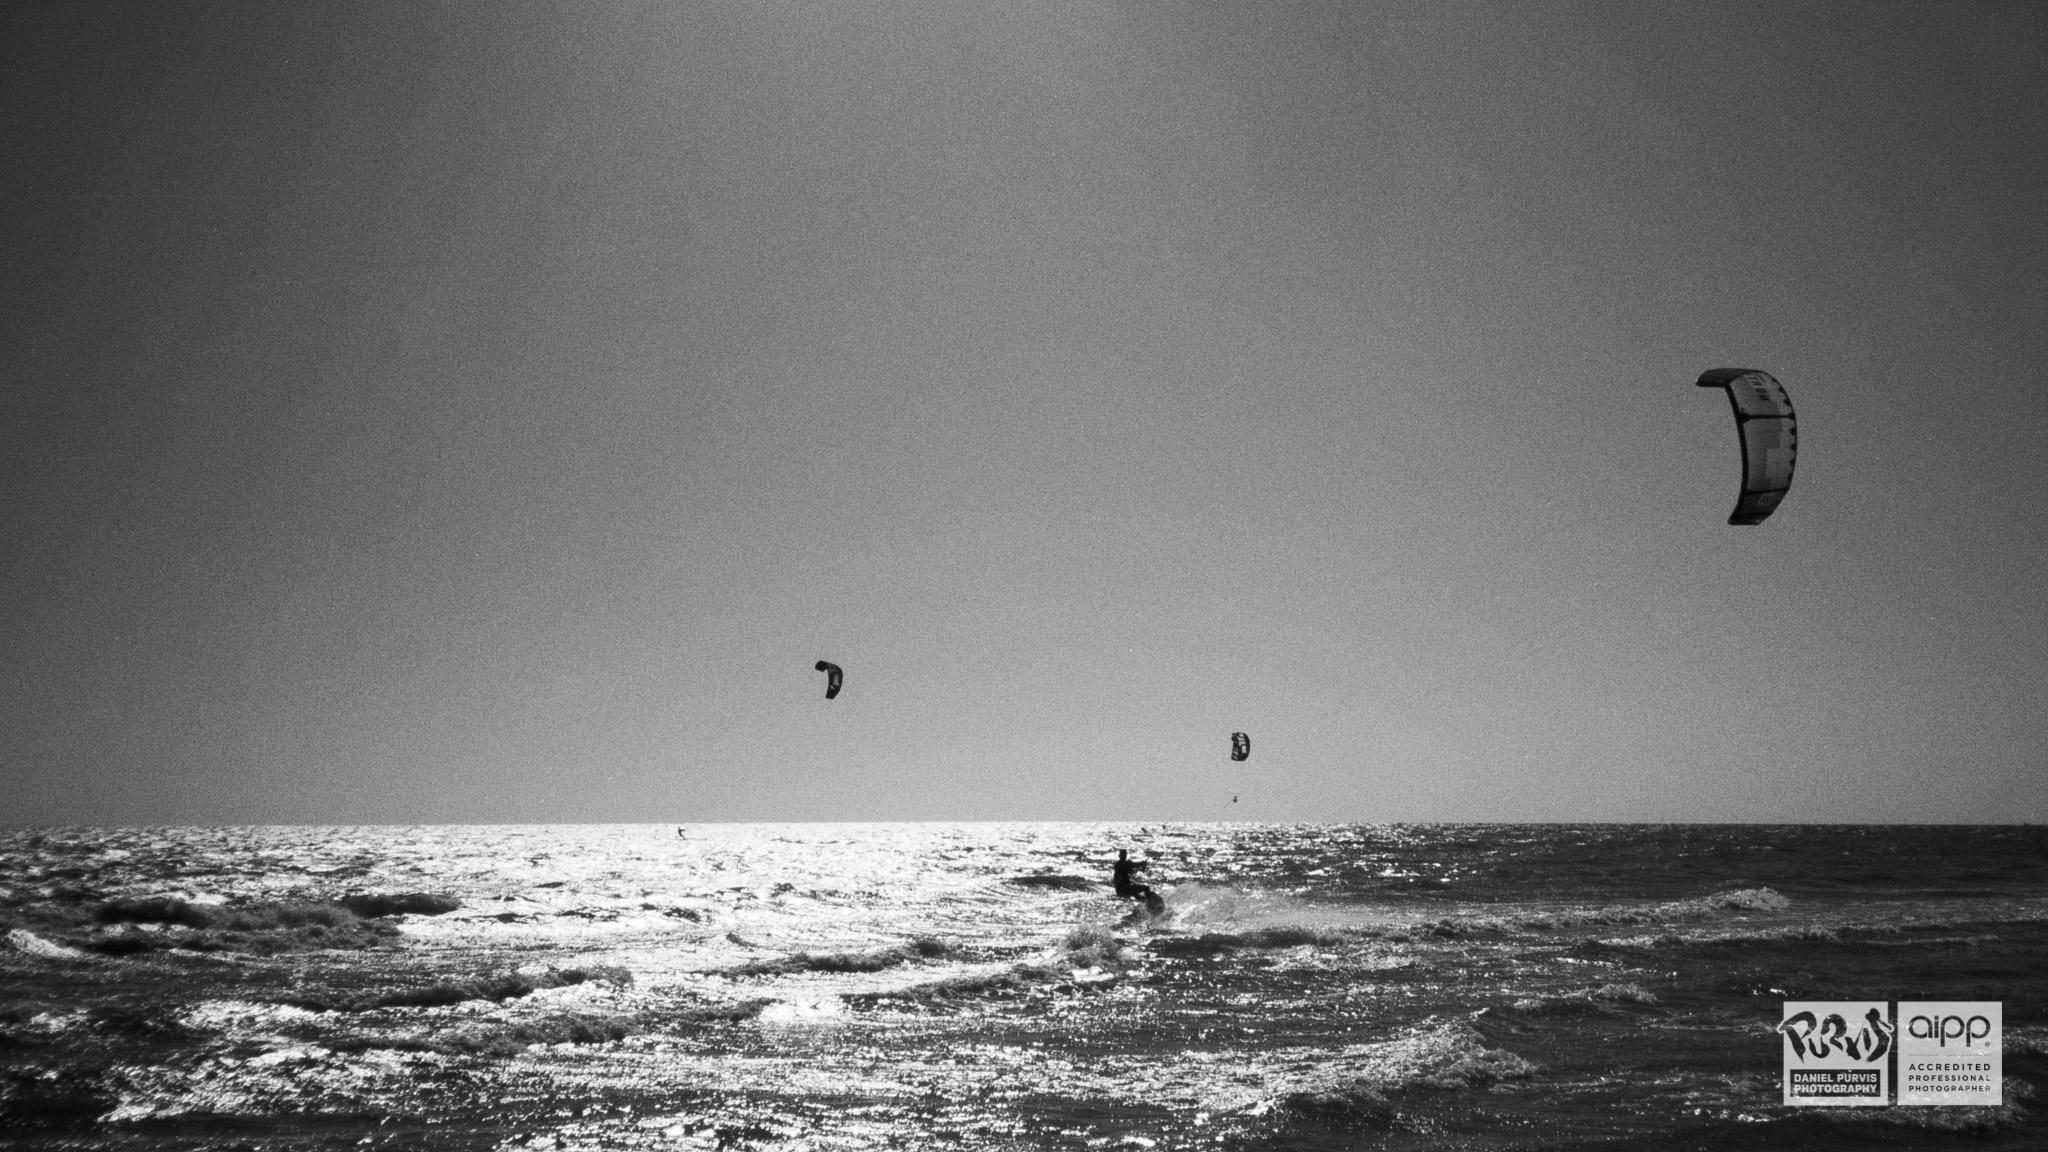 Adelaide International Kite Festival at Semaphore Beach, 2017